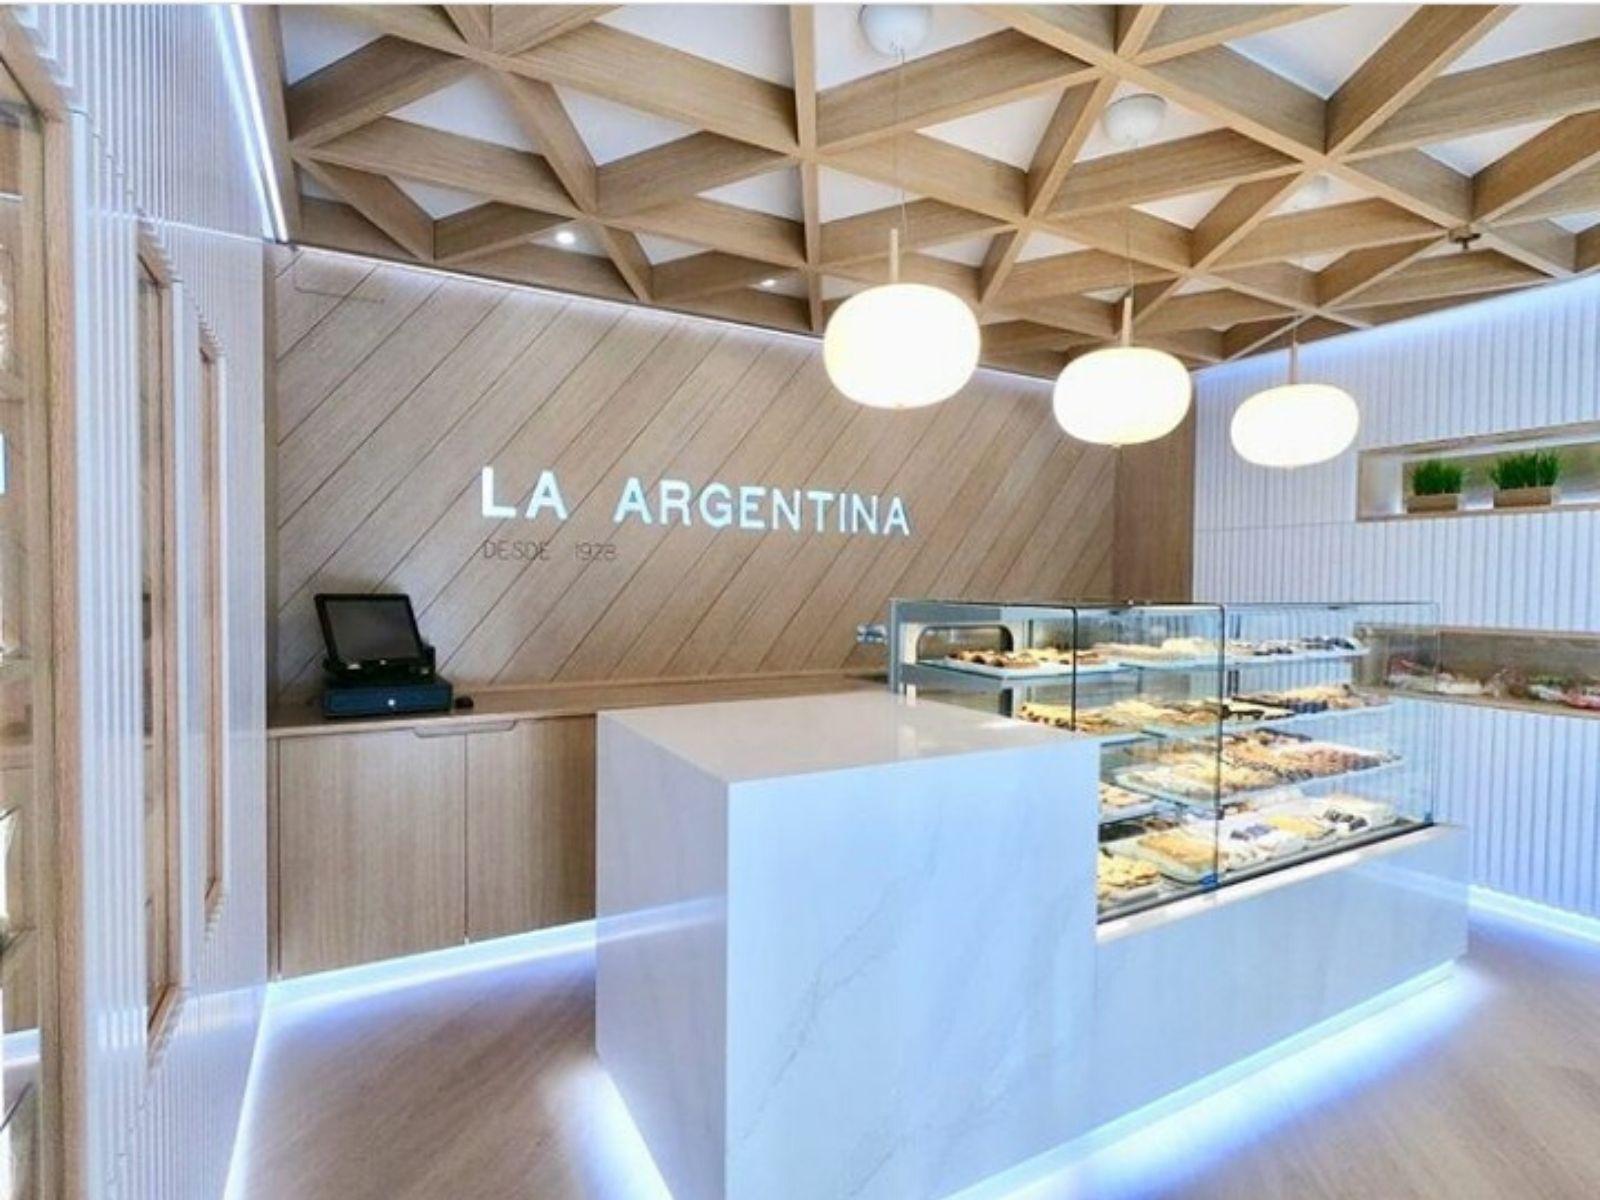 Pastelería La Argentina